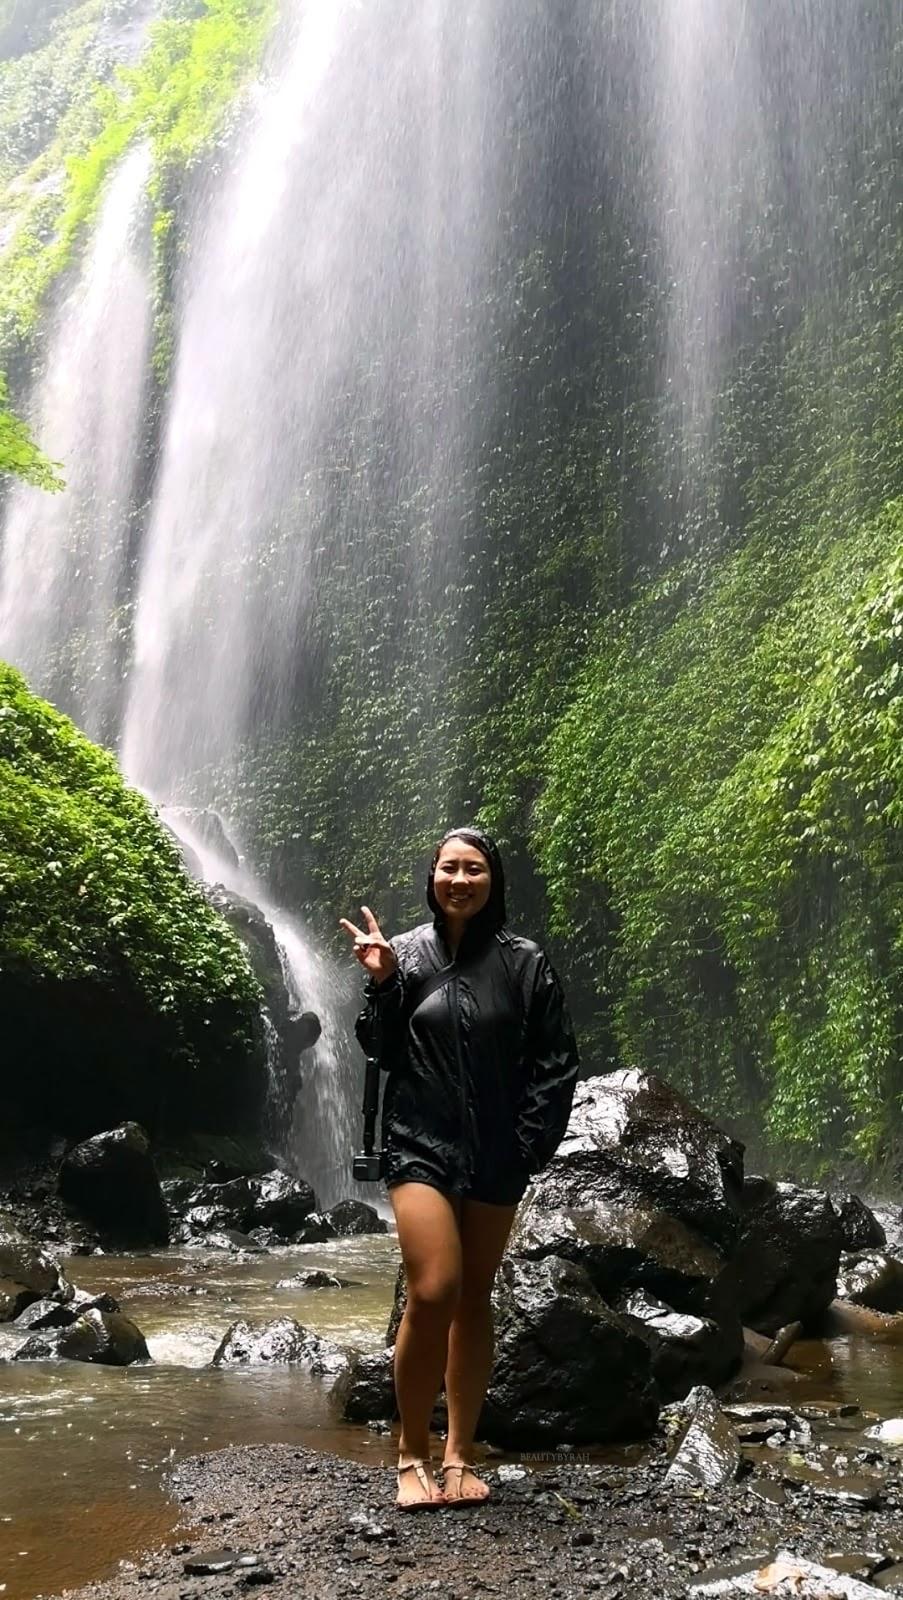 Madakaripura waterfall and Surabaya Travel Guide